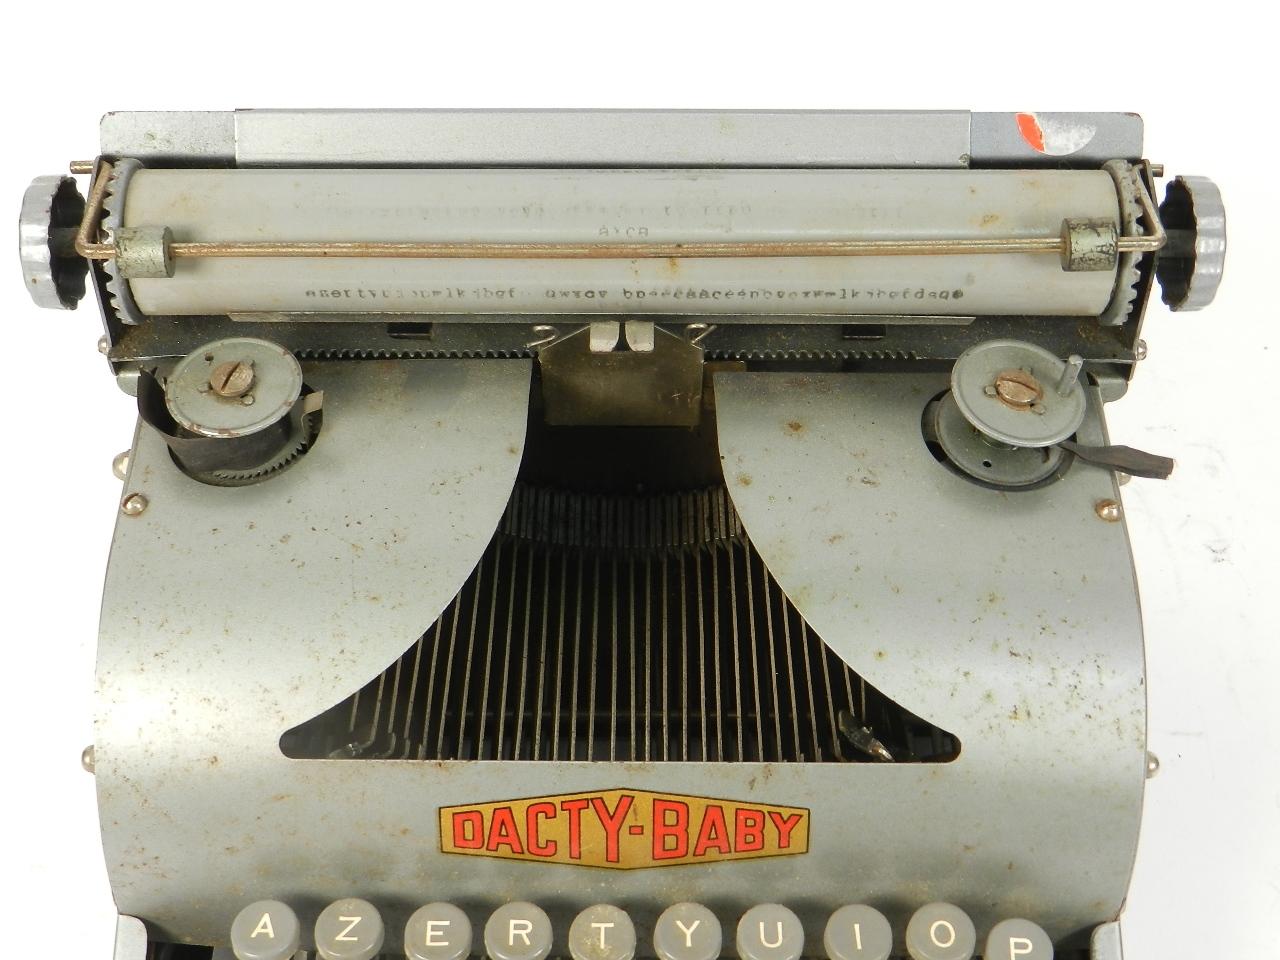 Imagen DACTY BABY AÑO 1950 31268